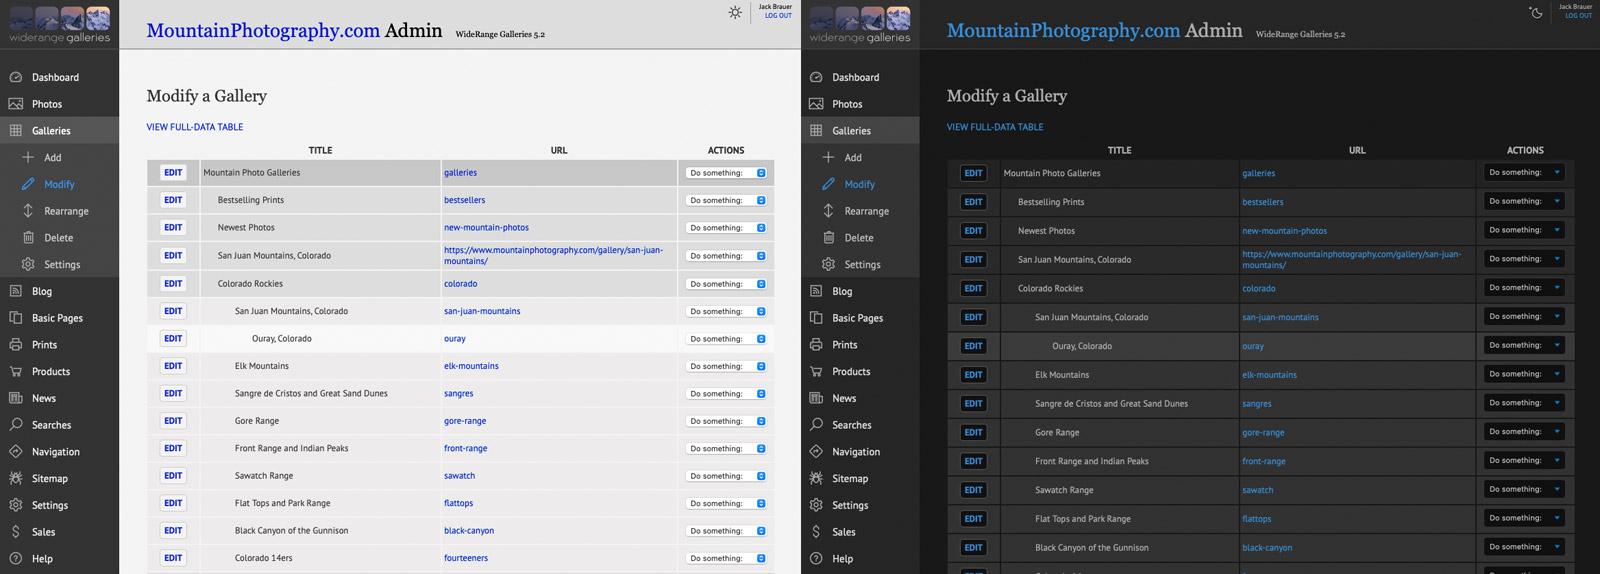 Admin control panel screenshots: Light mode & Dark Mode